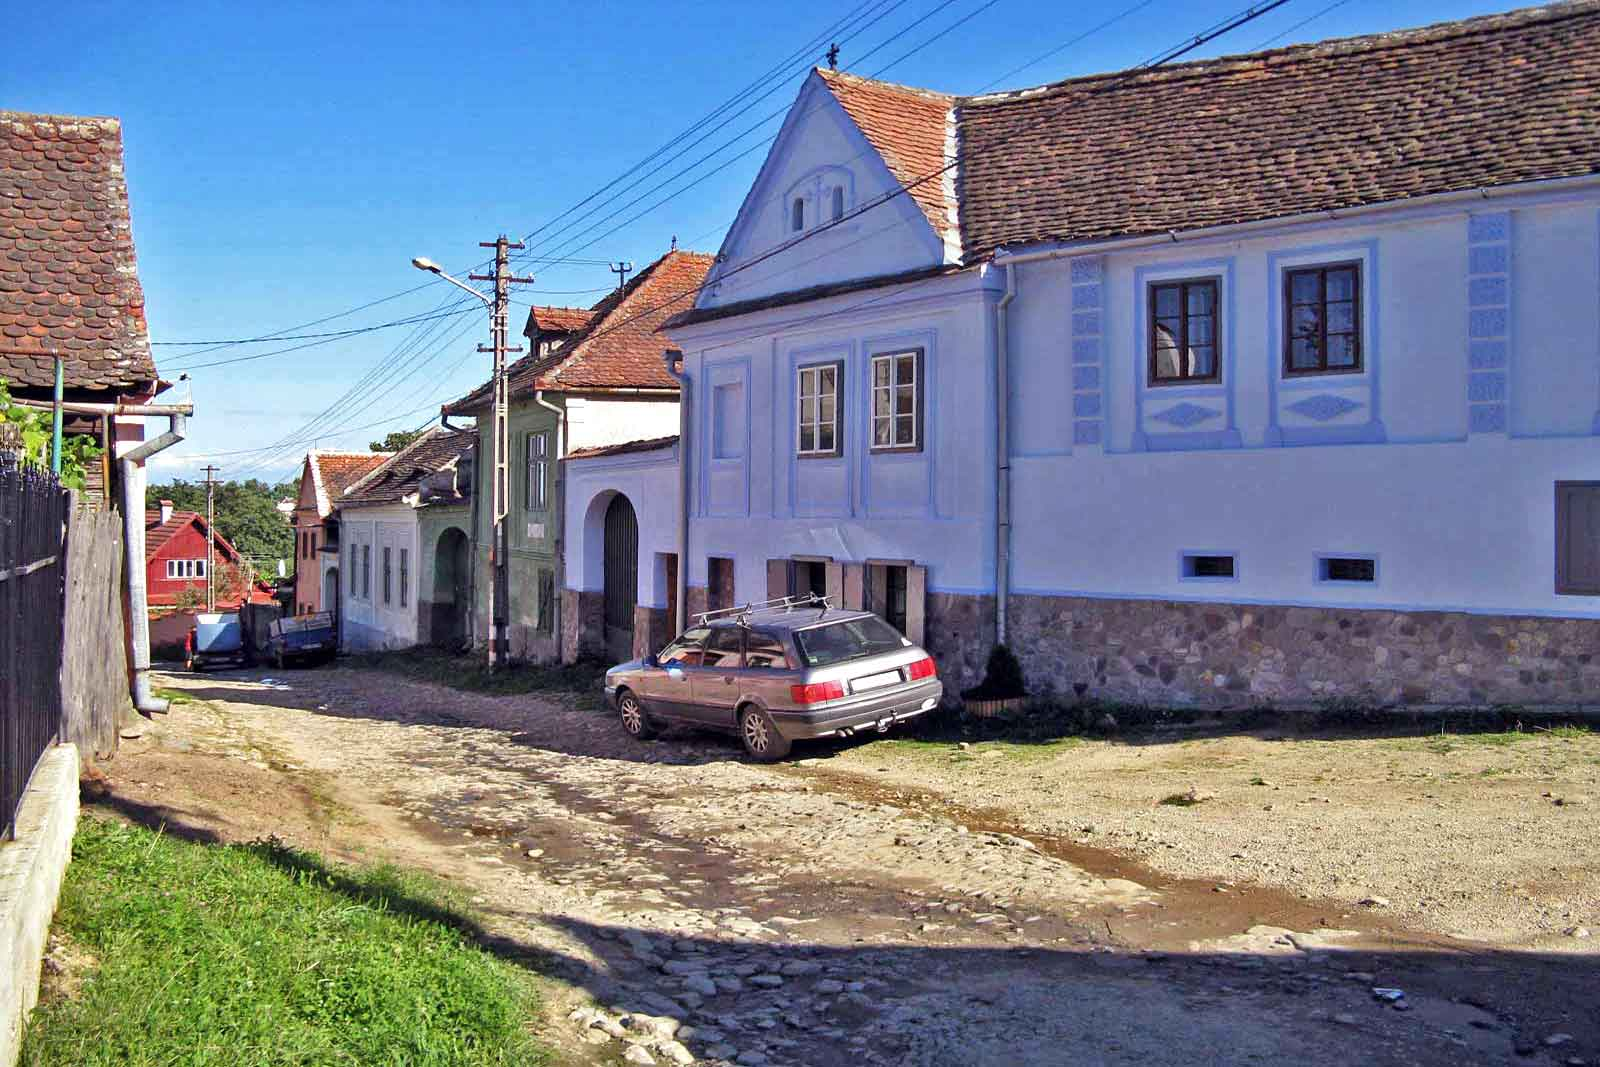 rumänien ferienwohnung mieten für 2-3 personen